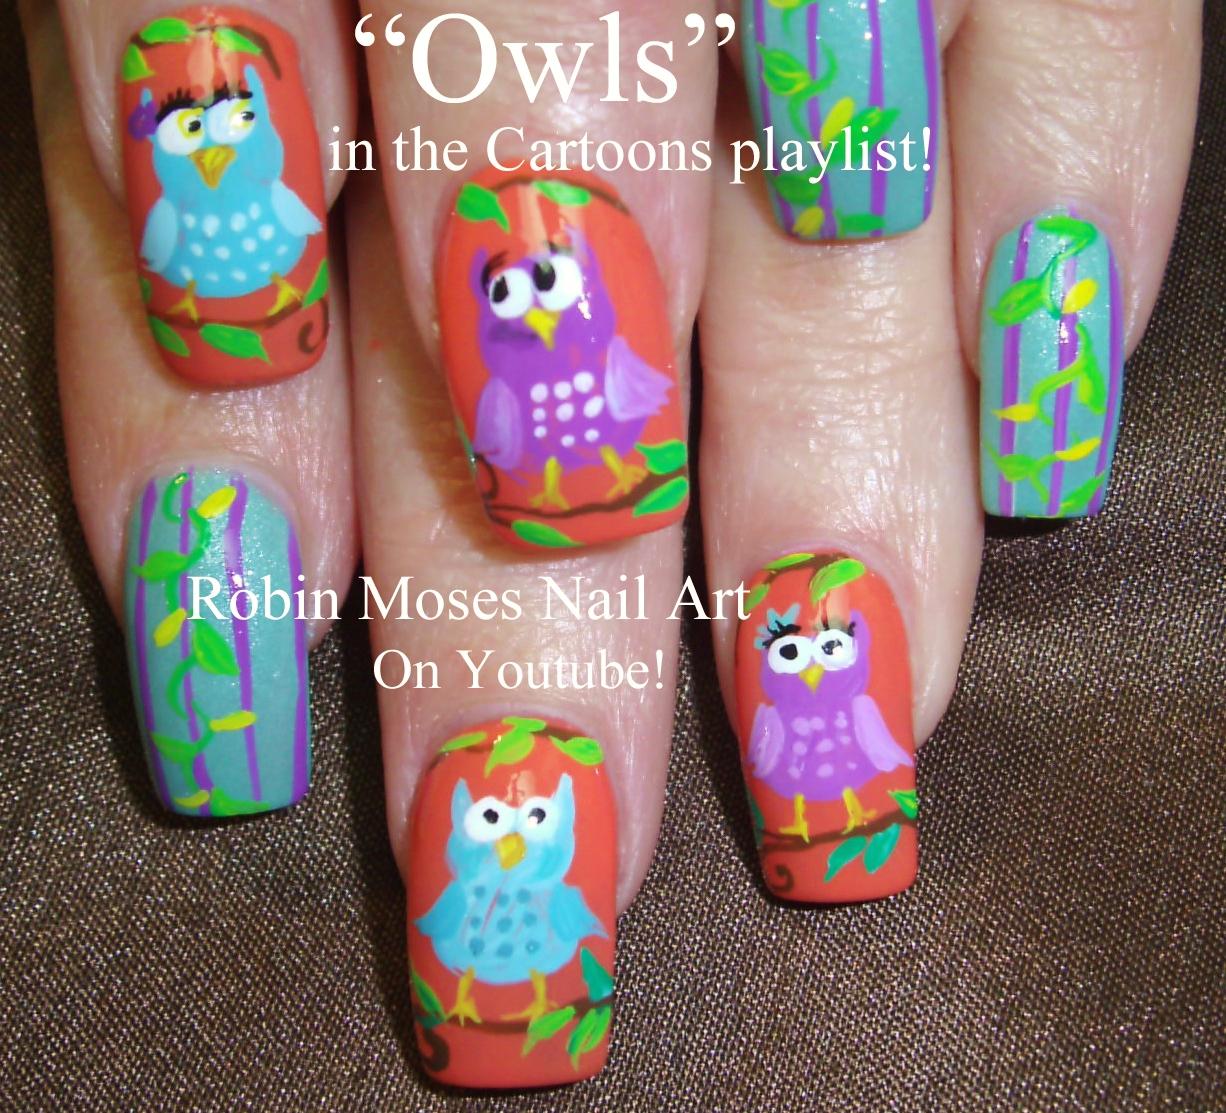 Robin Moses Nail Art Designs: Robin Moses Nail Art: Spring Owl Nail Art Design Tutorial